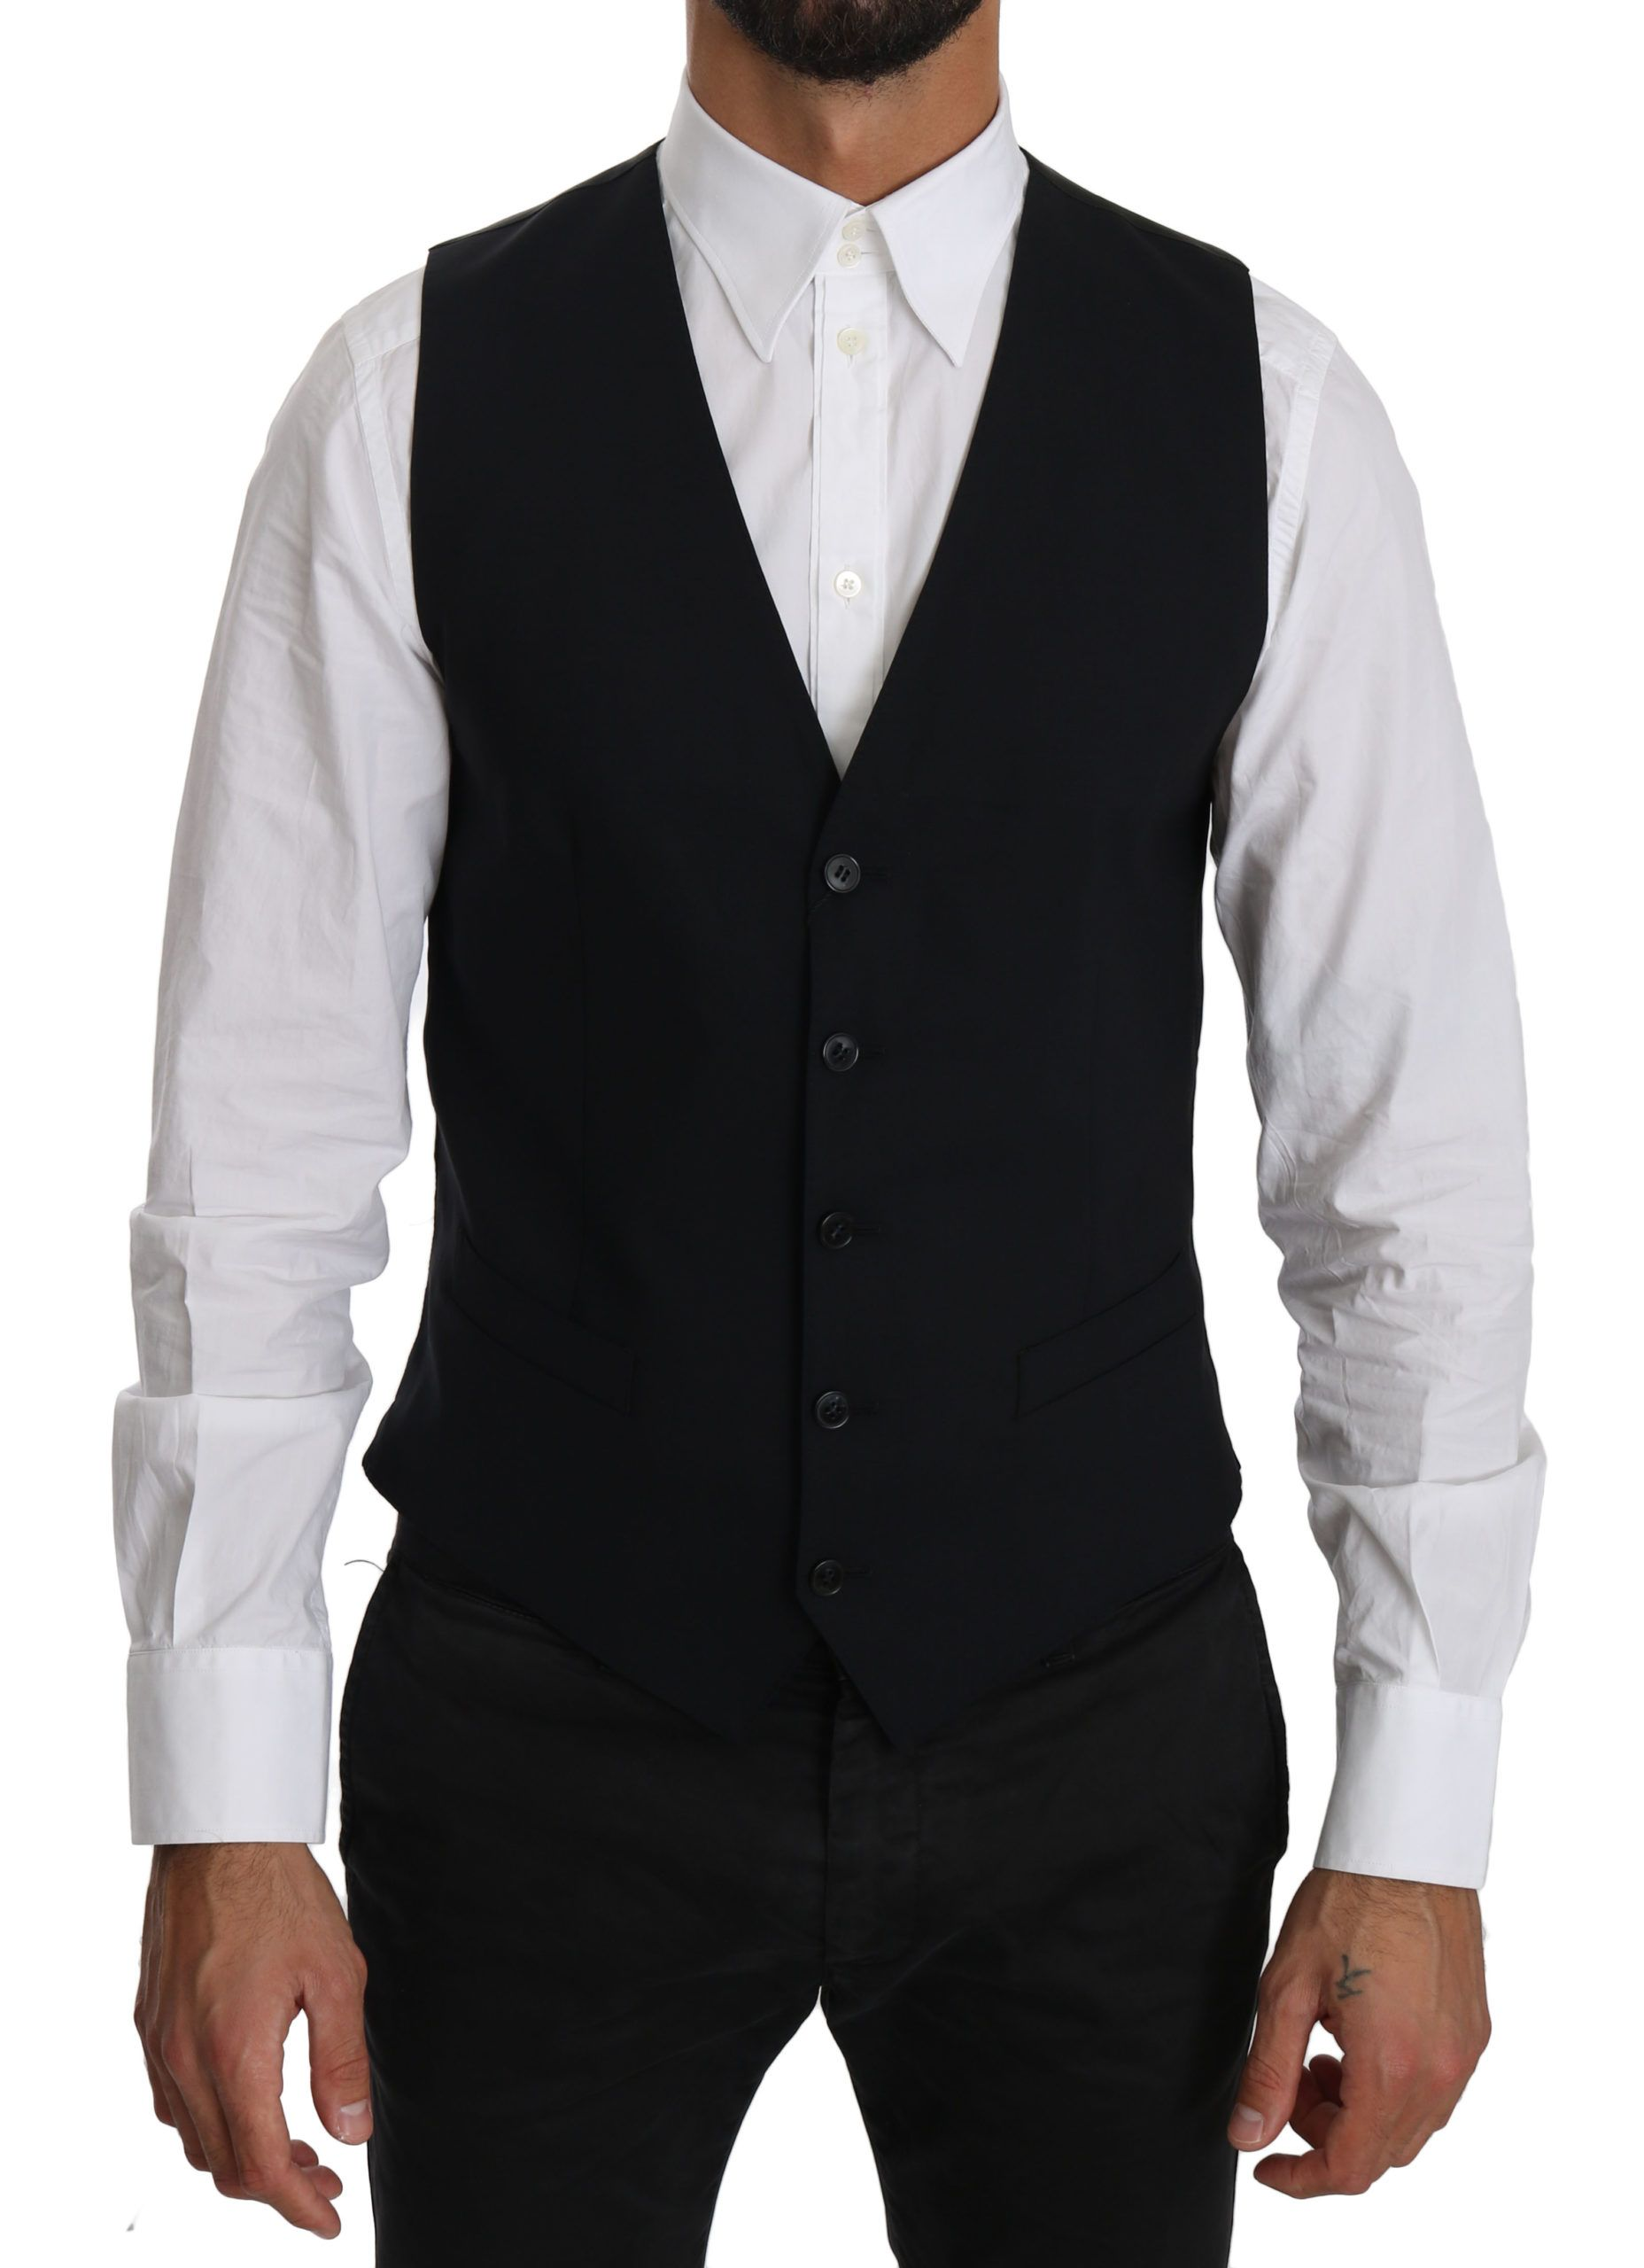 Dolce & Gabbana Blue Wool Waistcoat Formal Gilet Vest